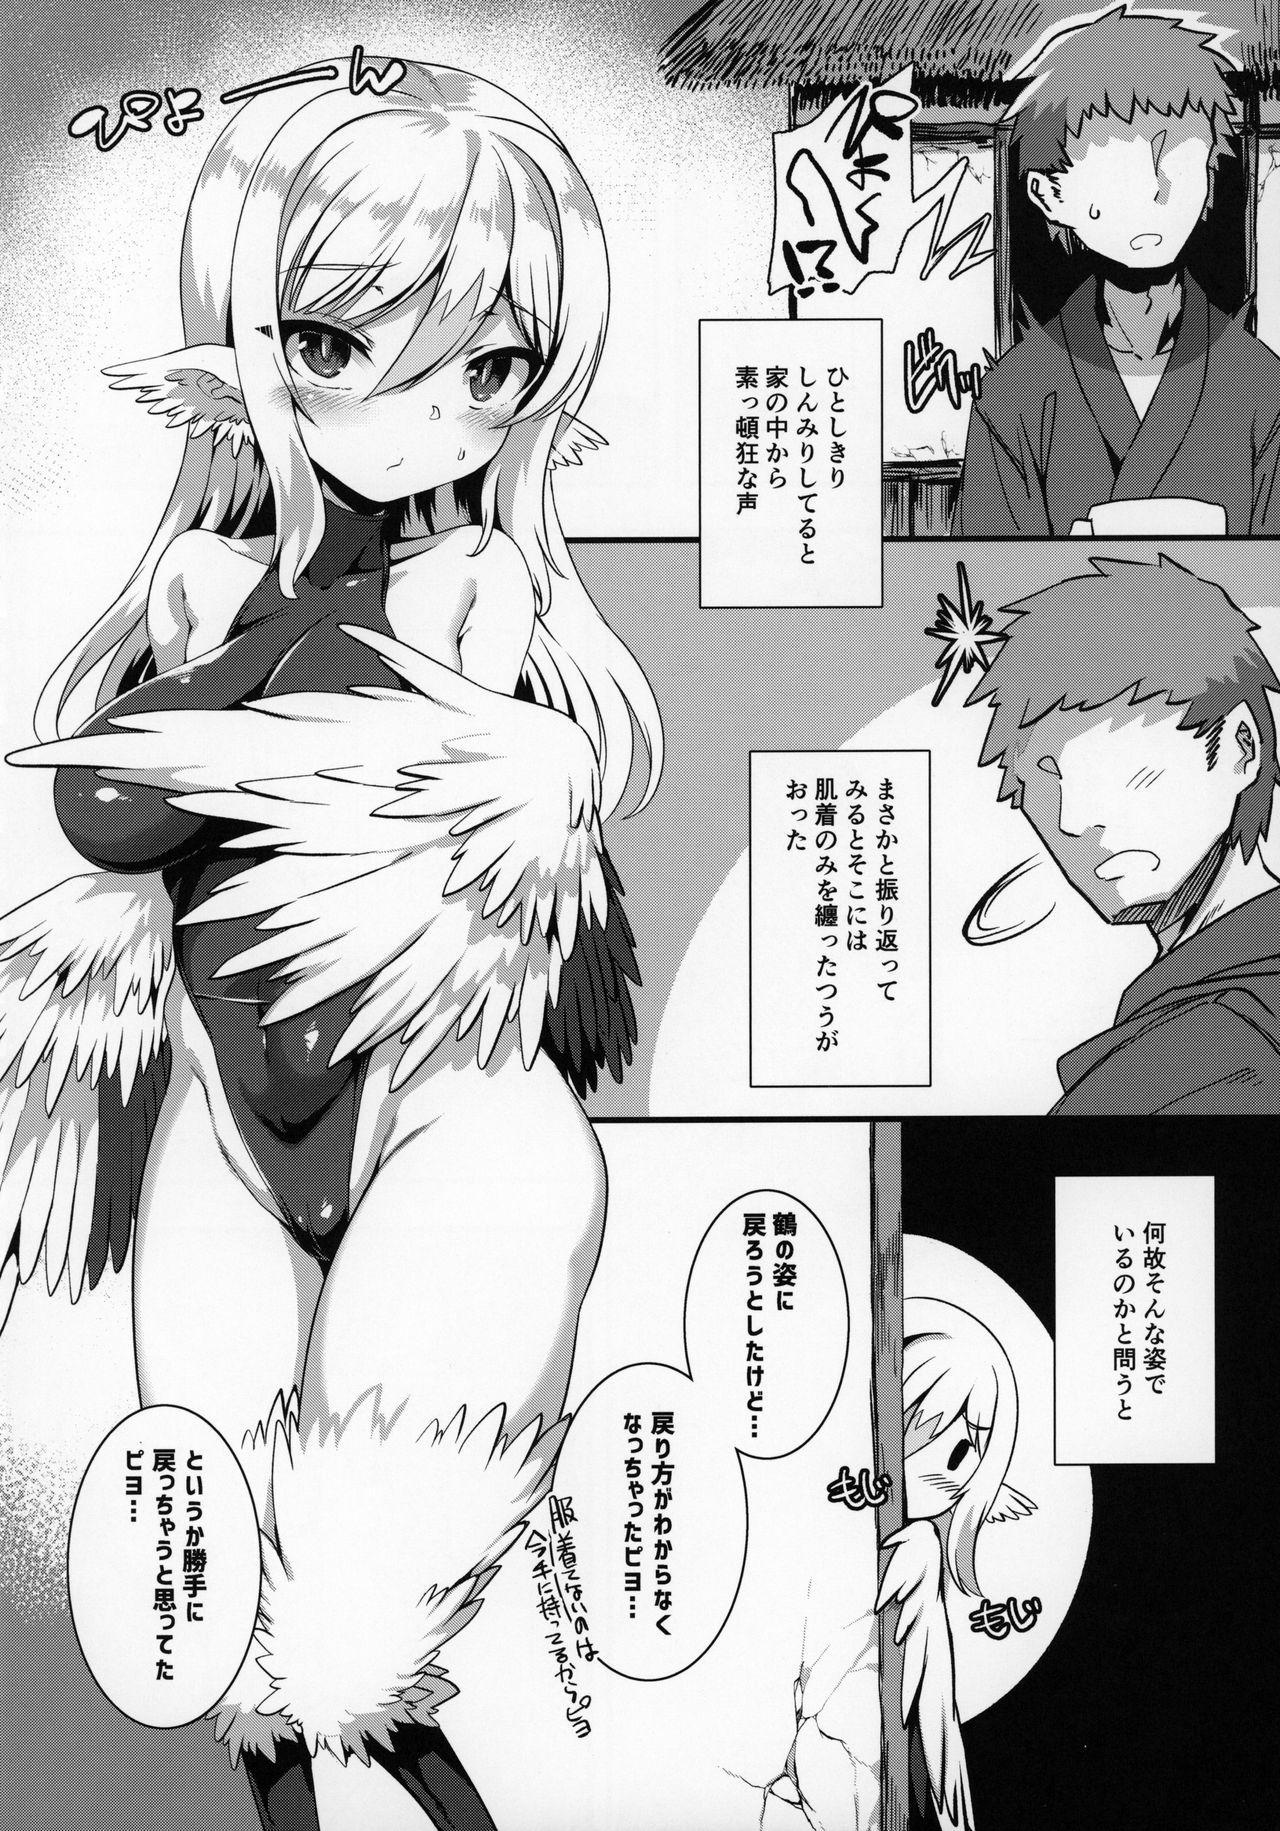 Tsuru Harpy no Ongaeshi 20